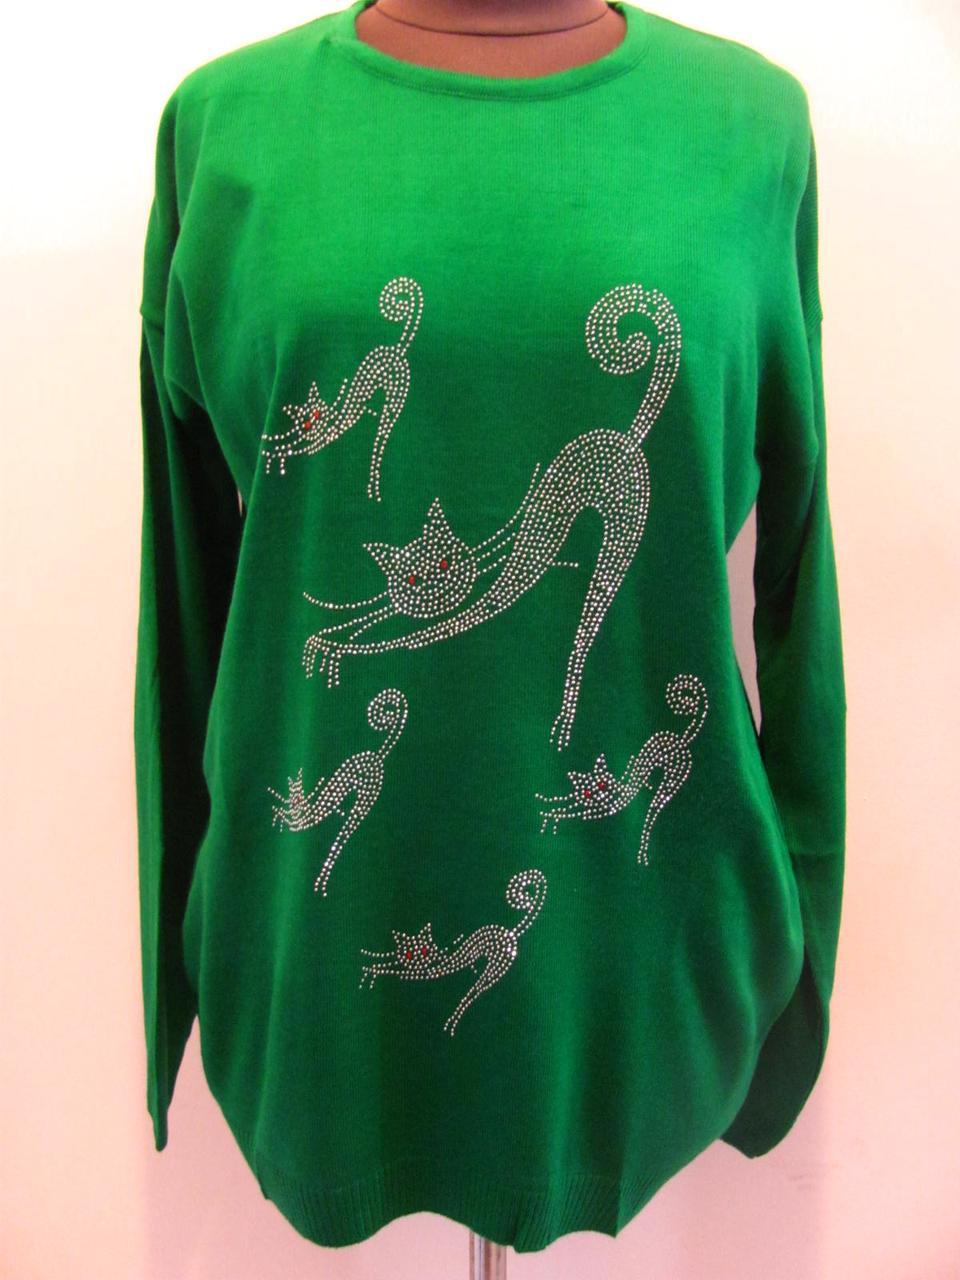 Свитер-туника Котики со стразов женский,из мягкого трикотажа, для прохладной погоды, р.52-56, код 4399М